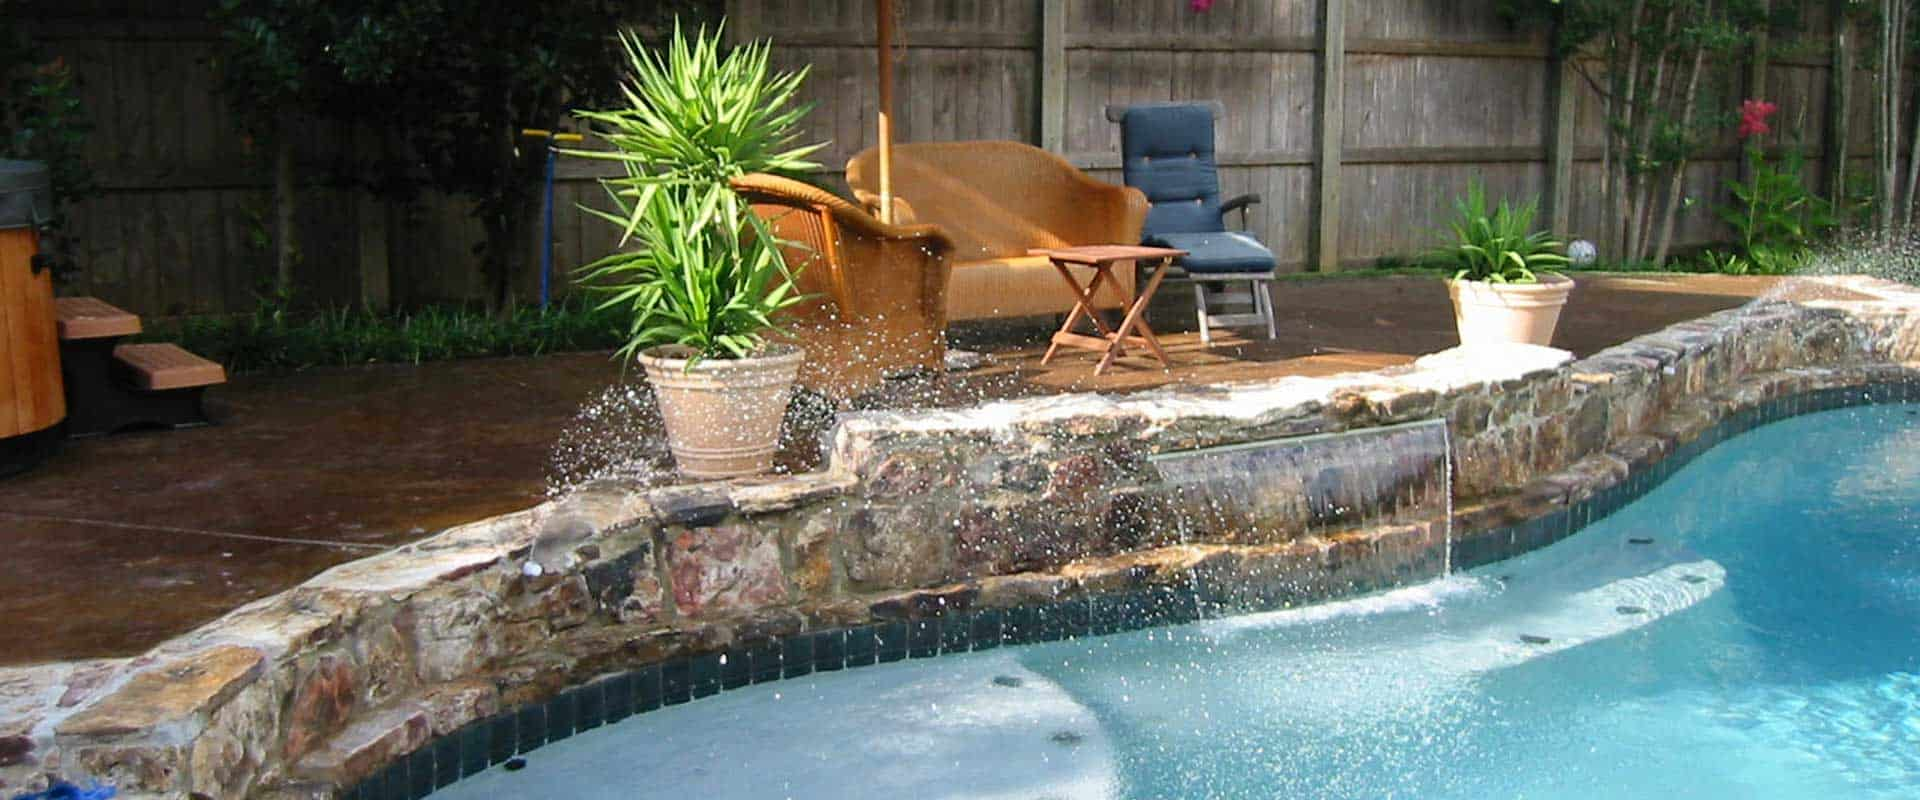 Germantown Pool And Spa Tyres2c